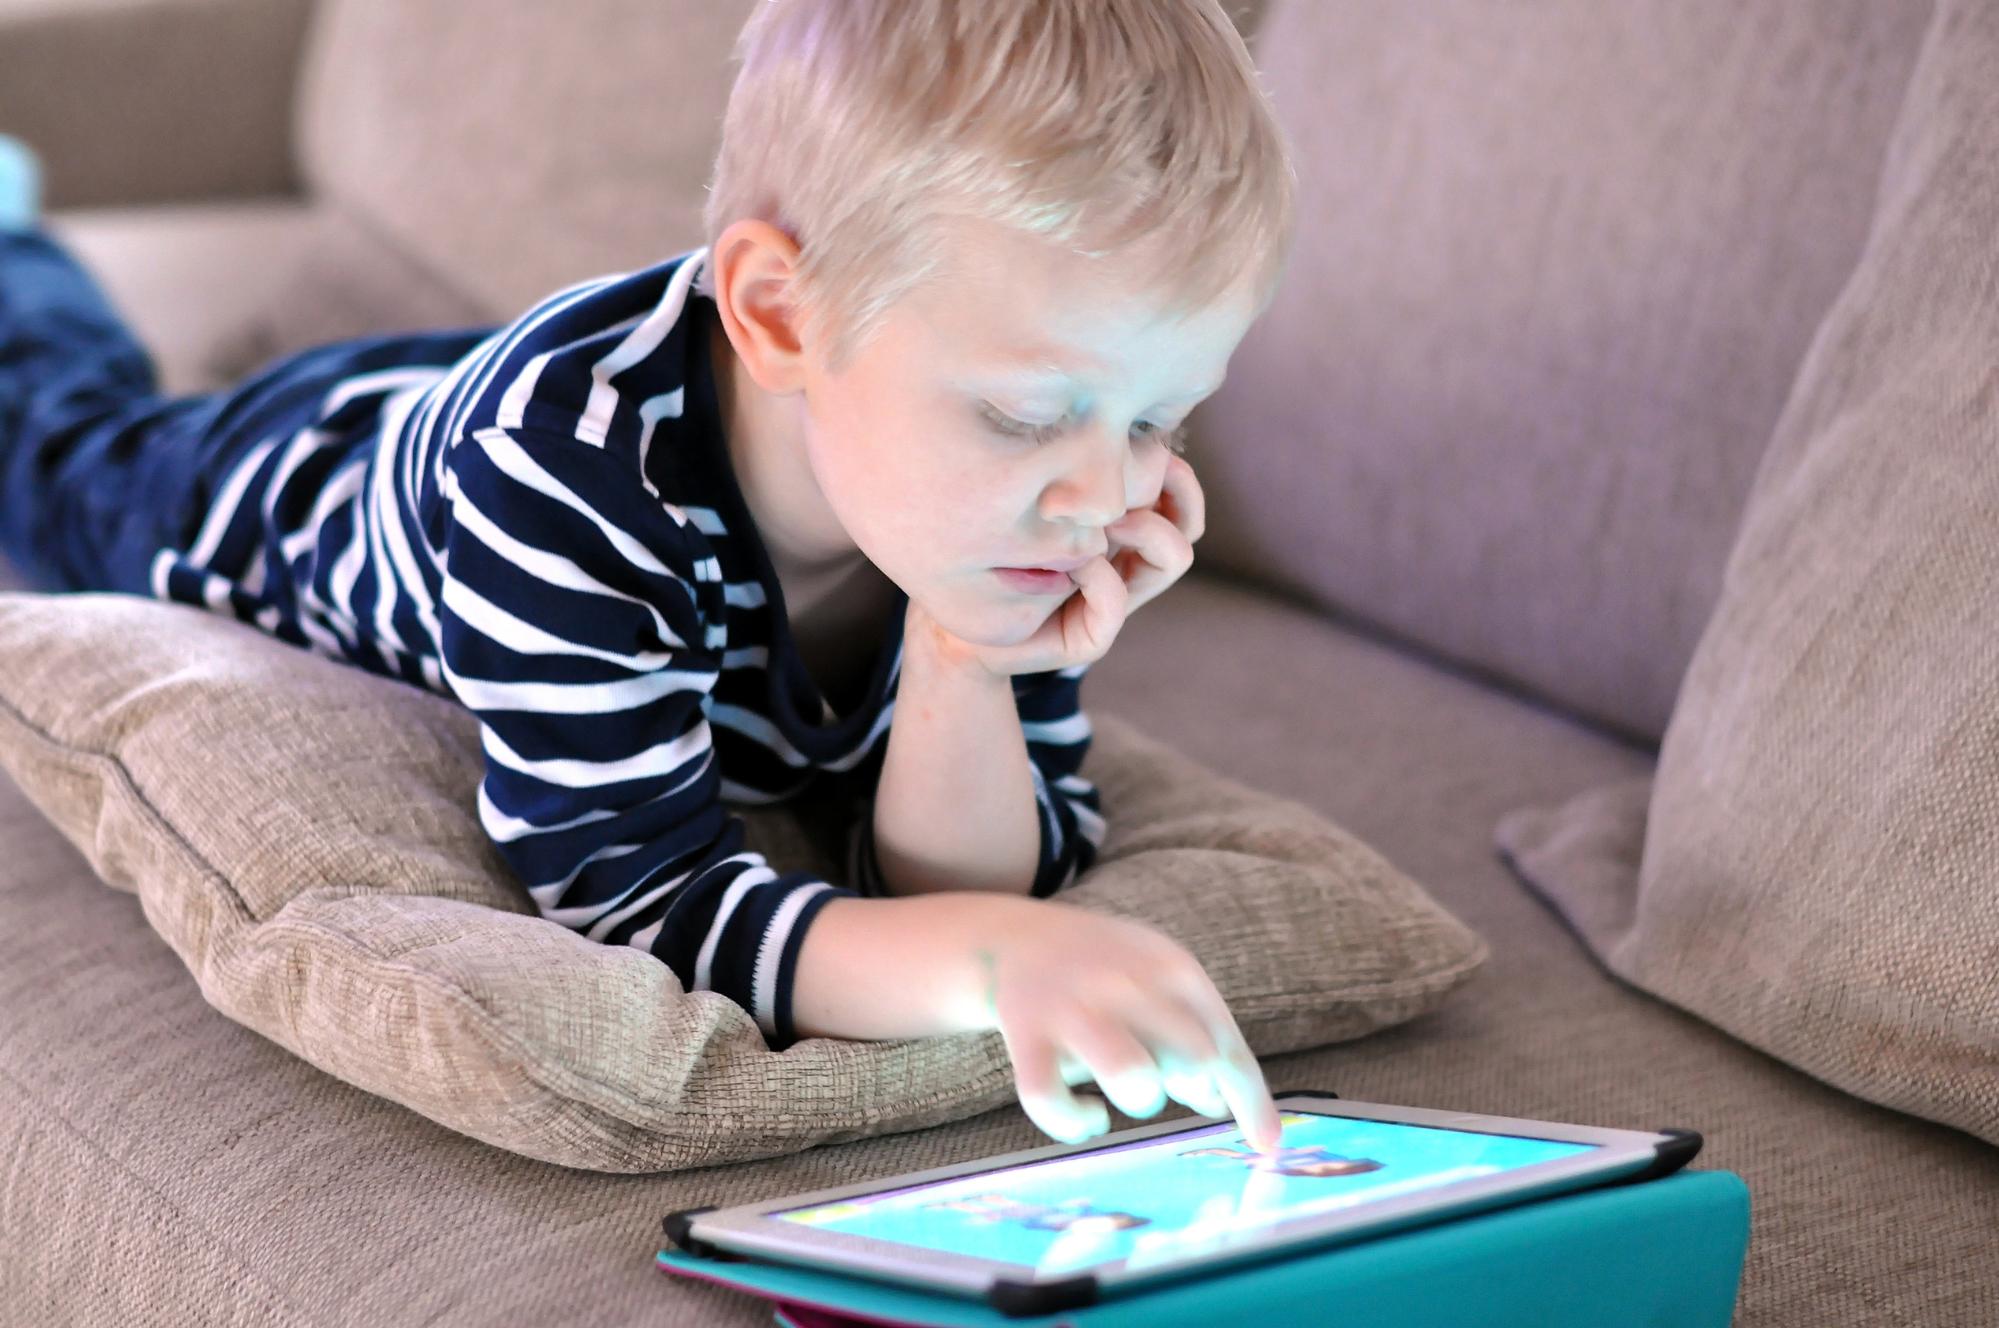 Комаровский объяснил, с какого возраста детям можно играть на планшете